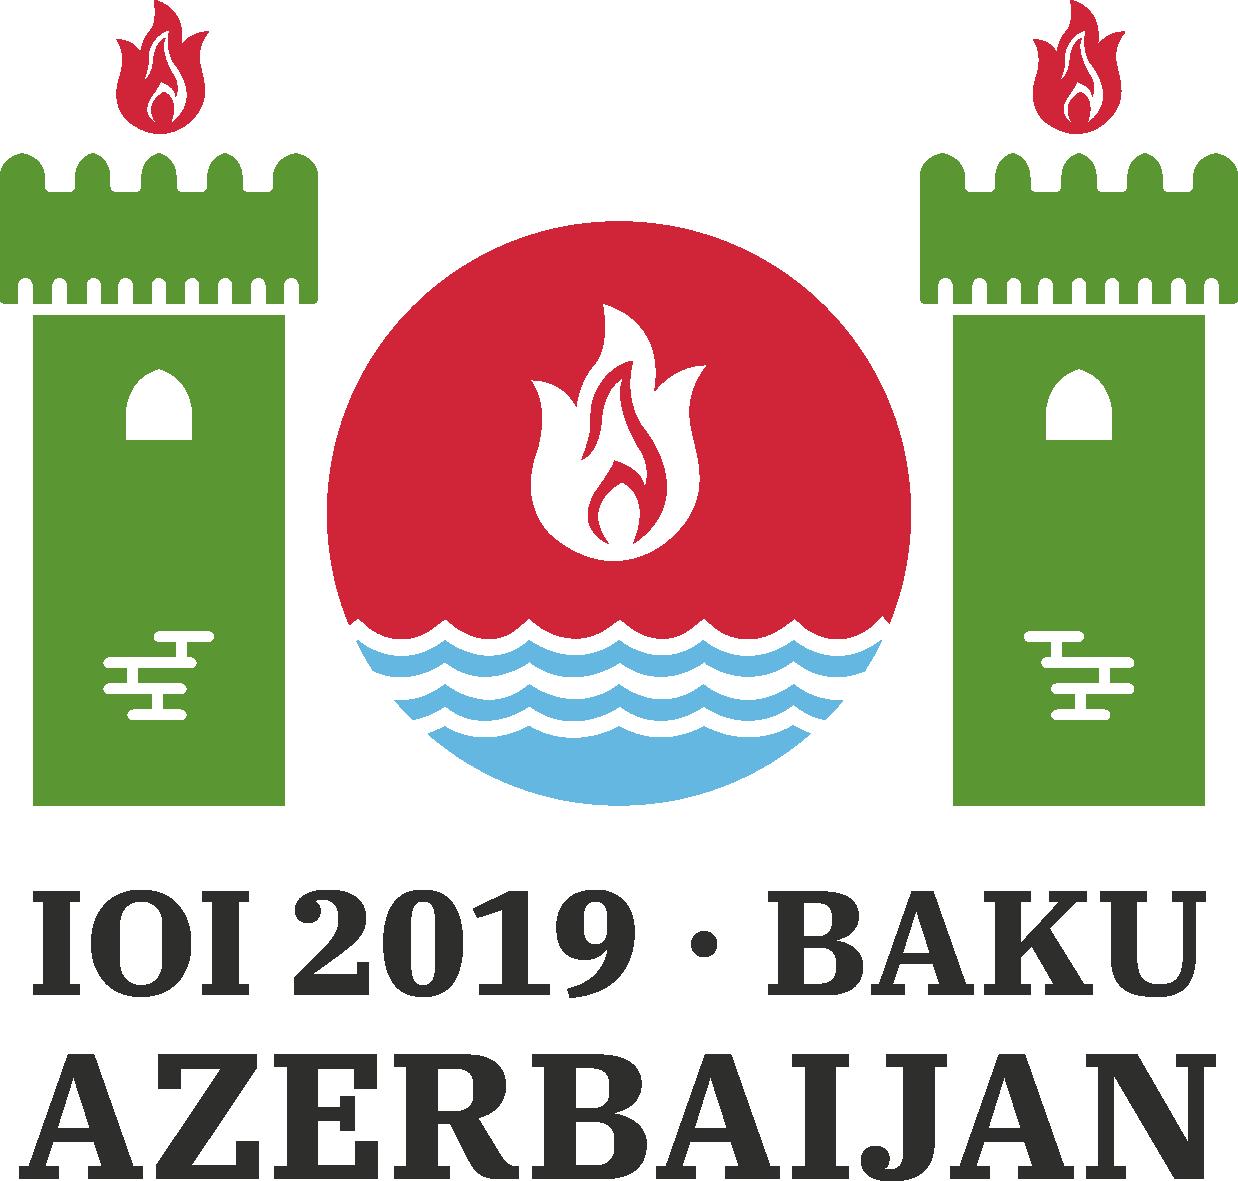 IOI 2019 Philippine Team